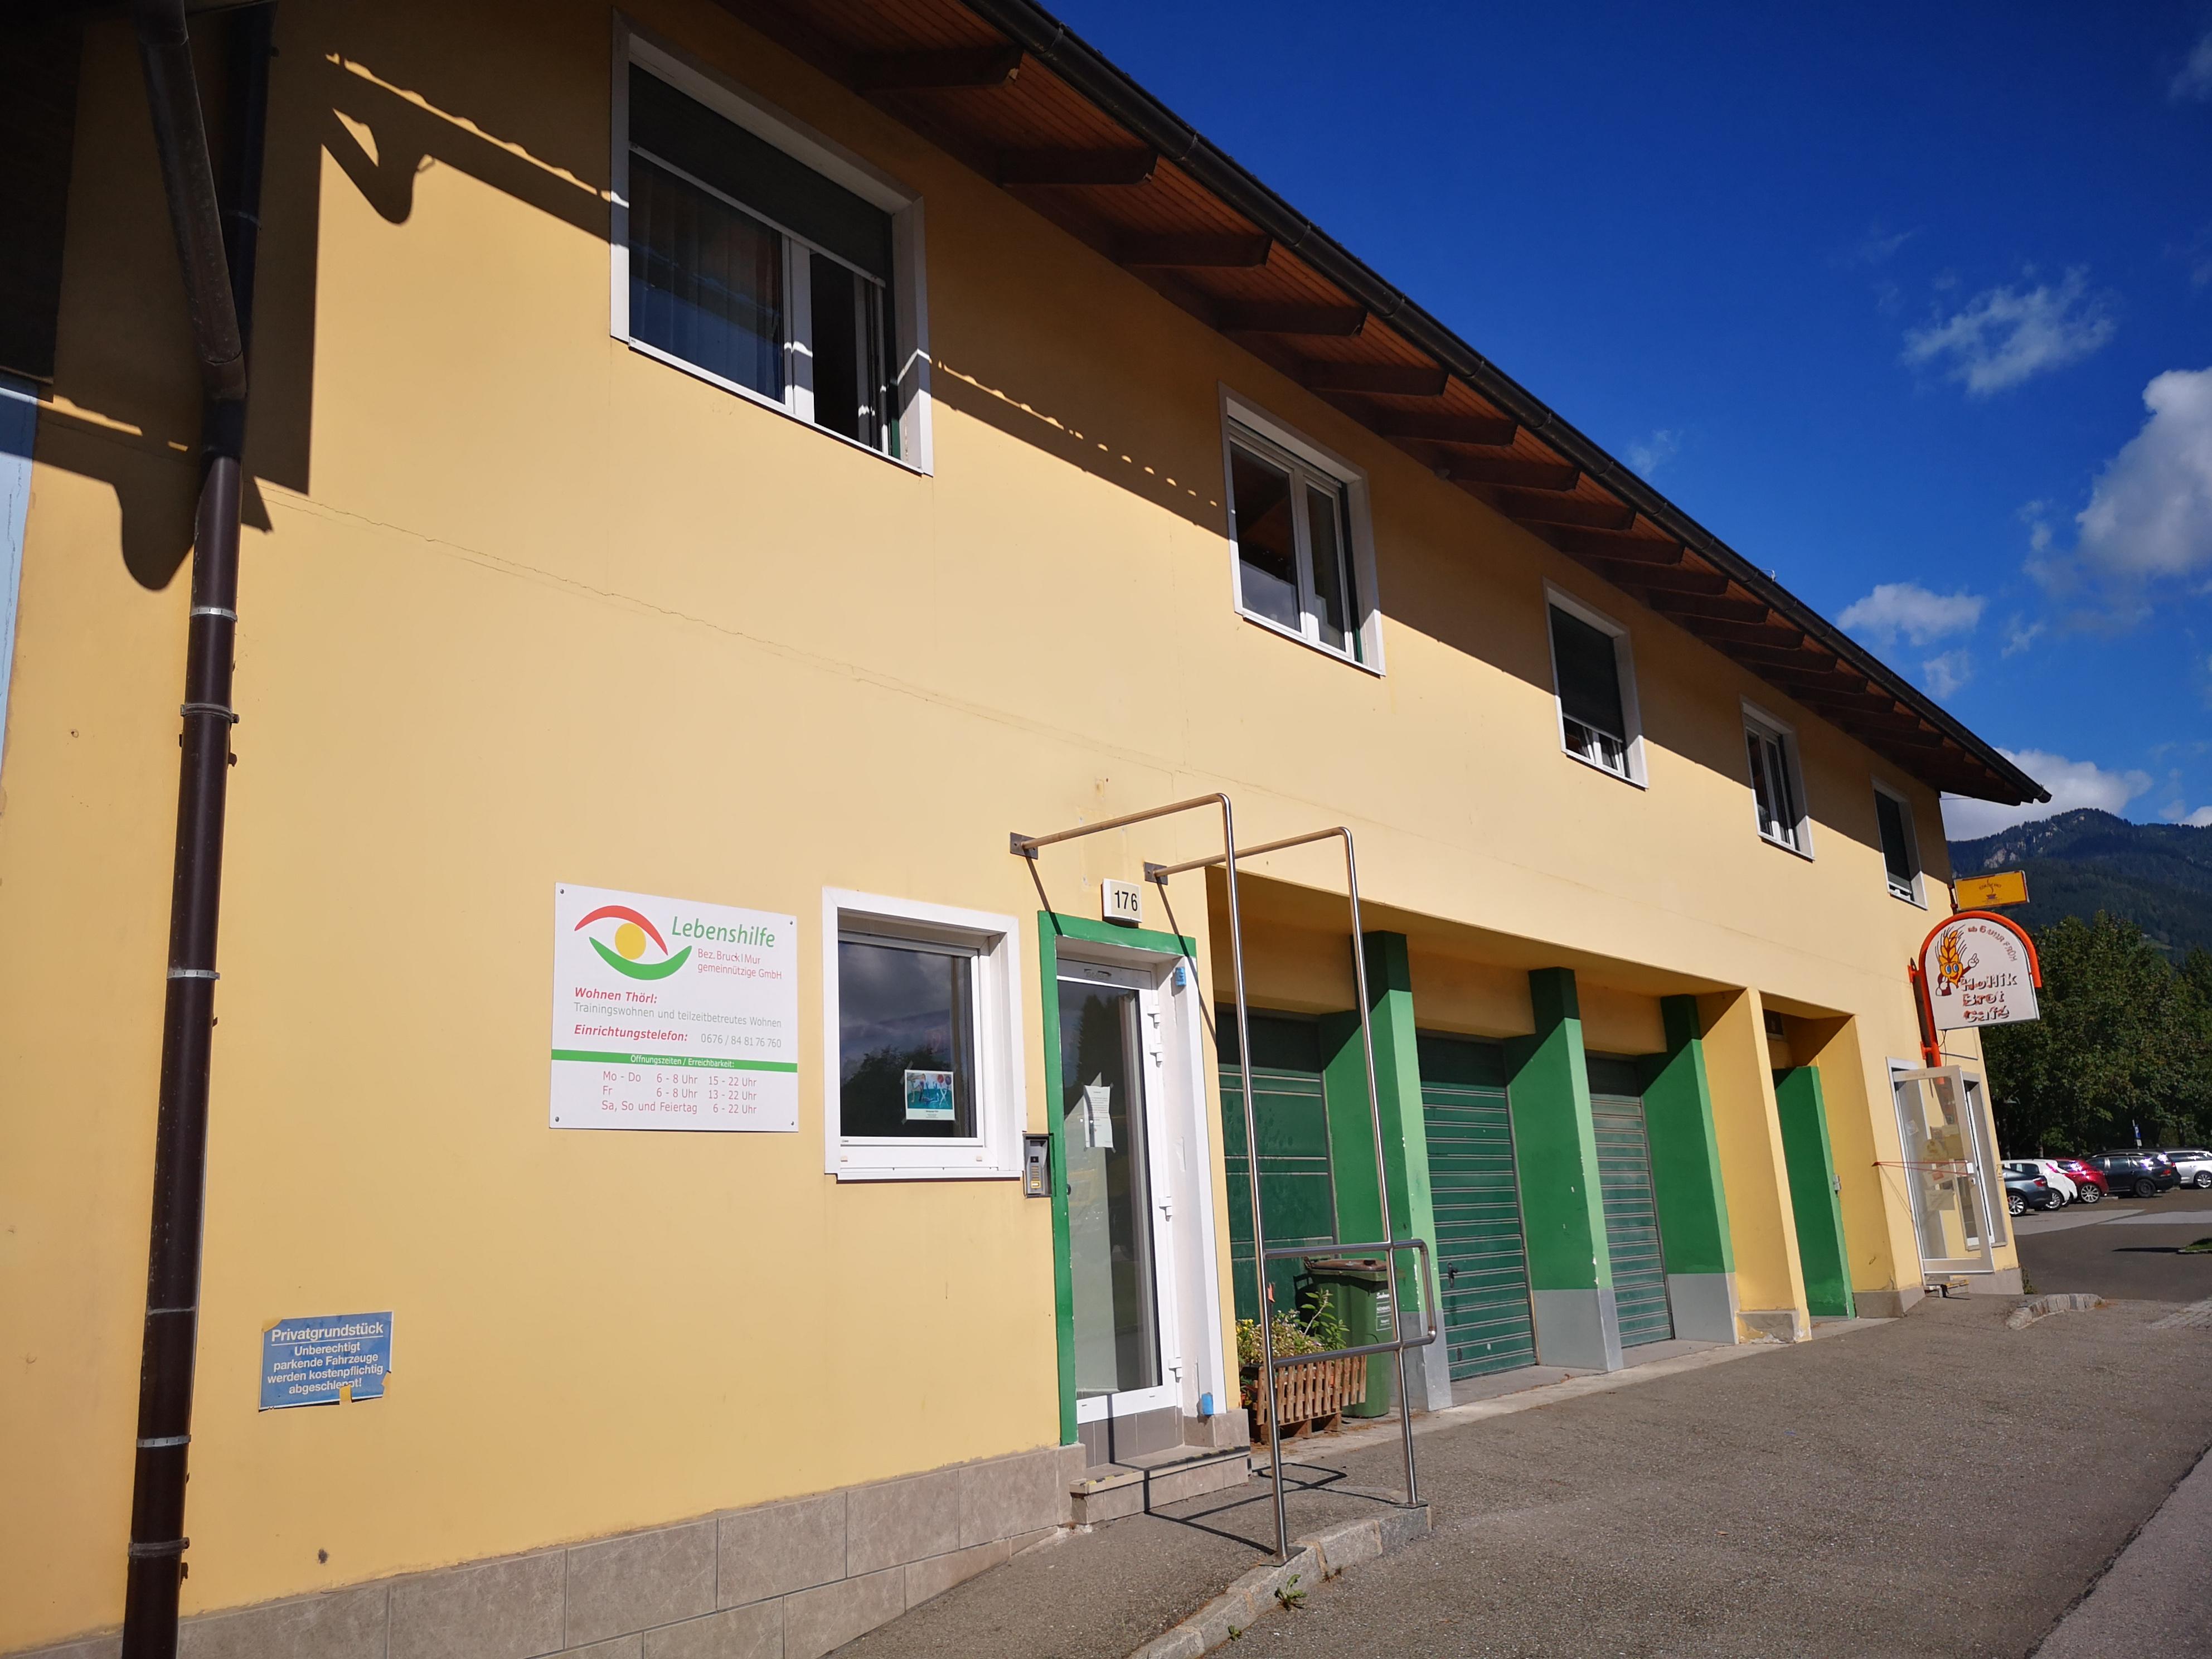 Lebenshilfe Bruck Wohnhaus Thörl Teilzeit und Trainingswohnen, Palbersdorf 176, 8621, Austria